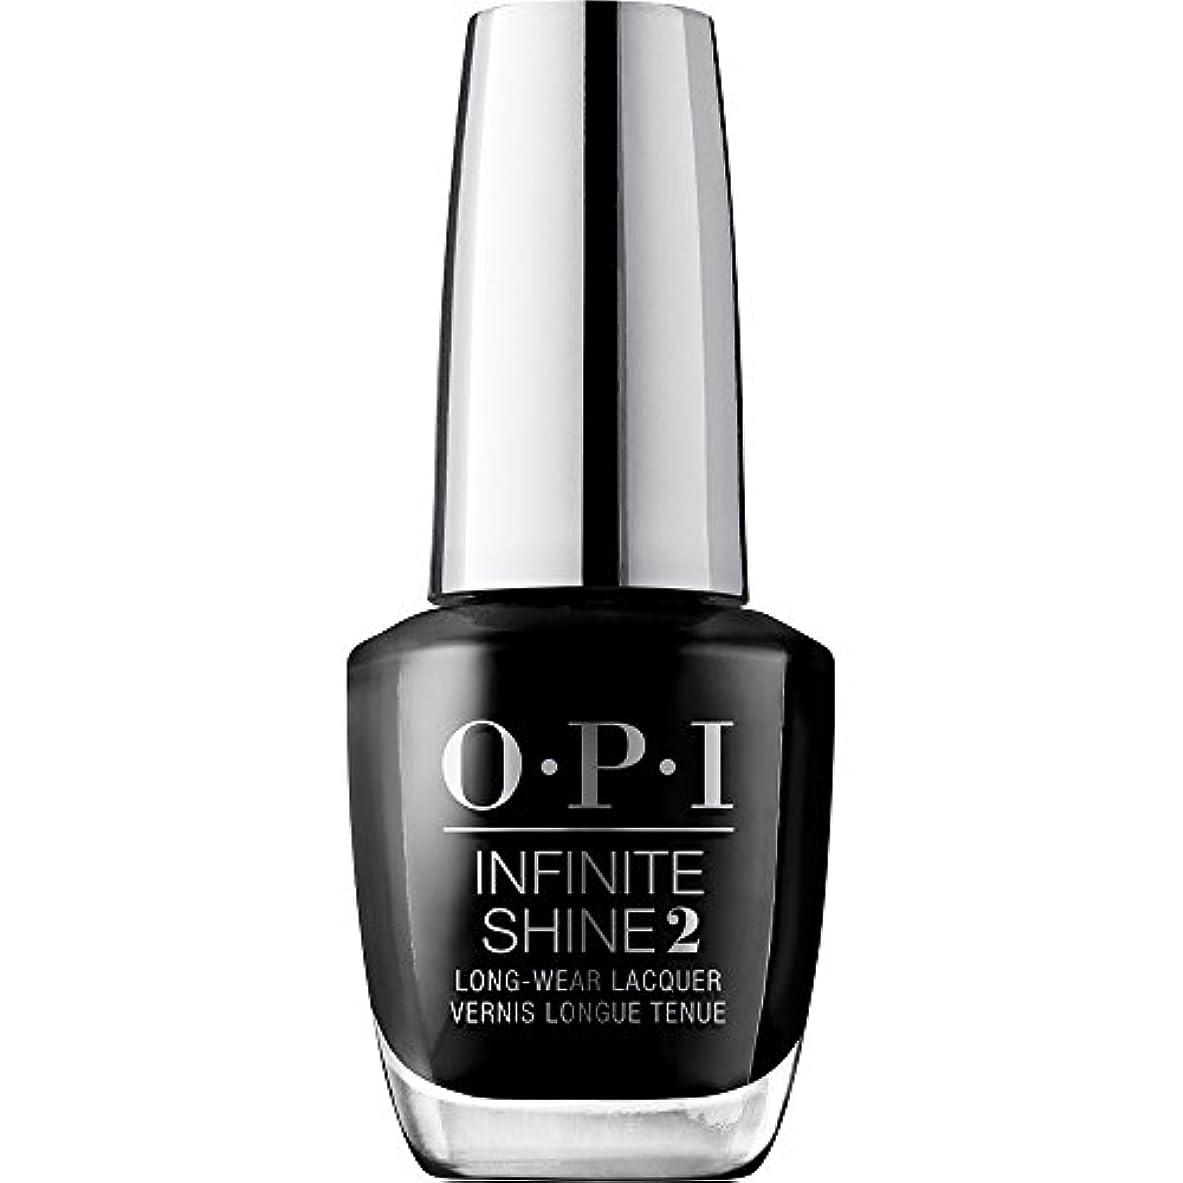 血統ベンチ勝利OPI(オーピーアイ) インフィニット シャイン ISL T02 ブラック オニキス